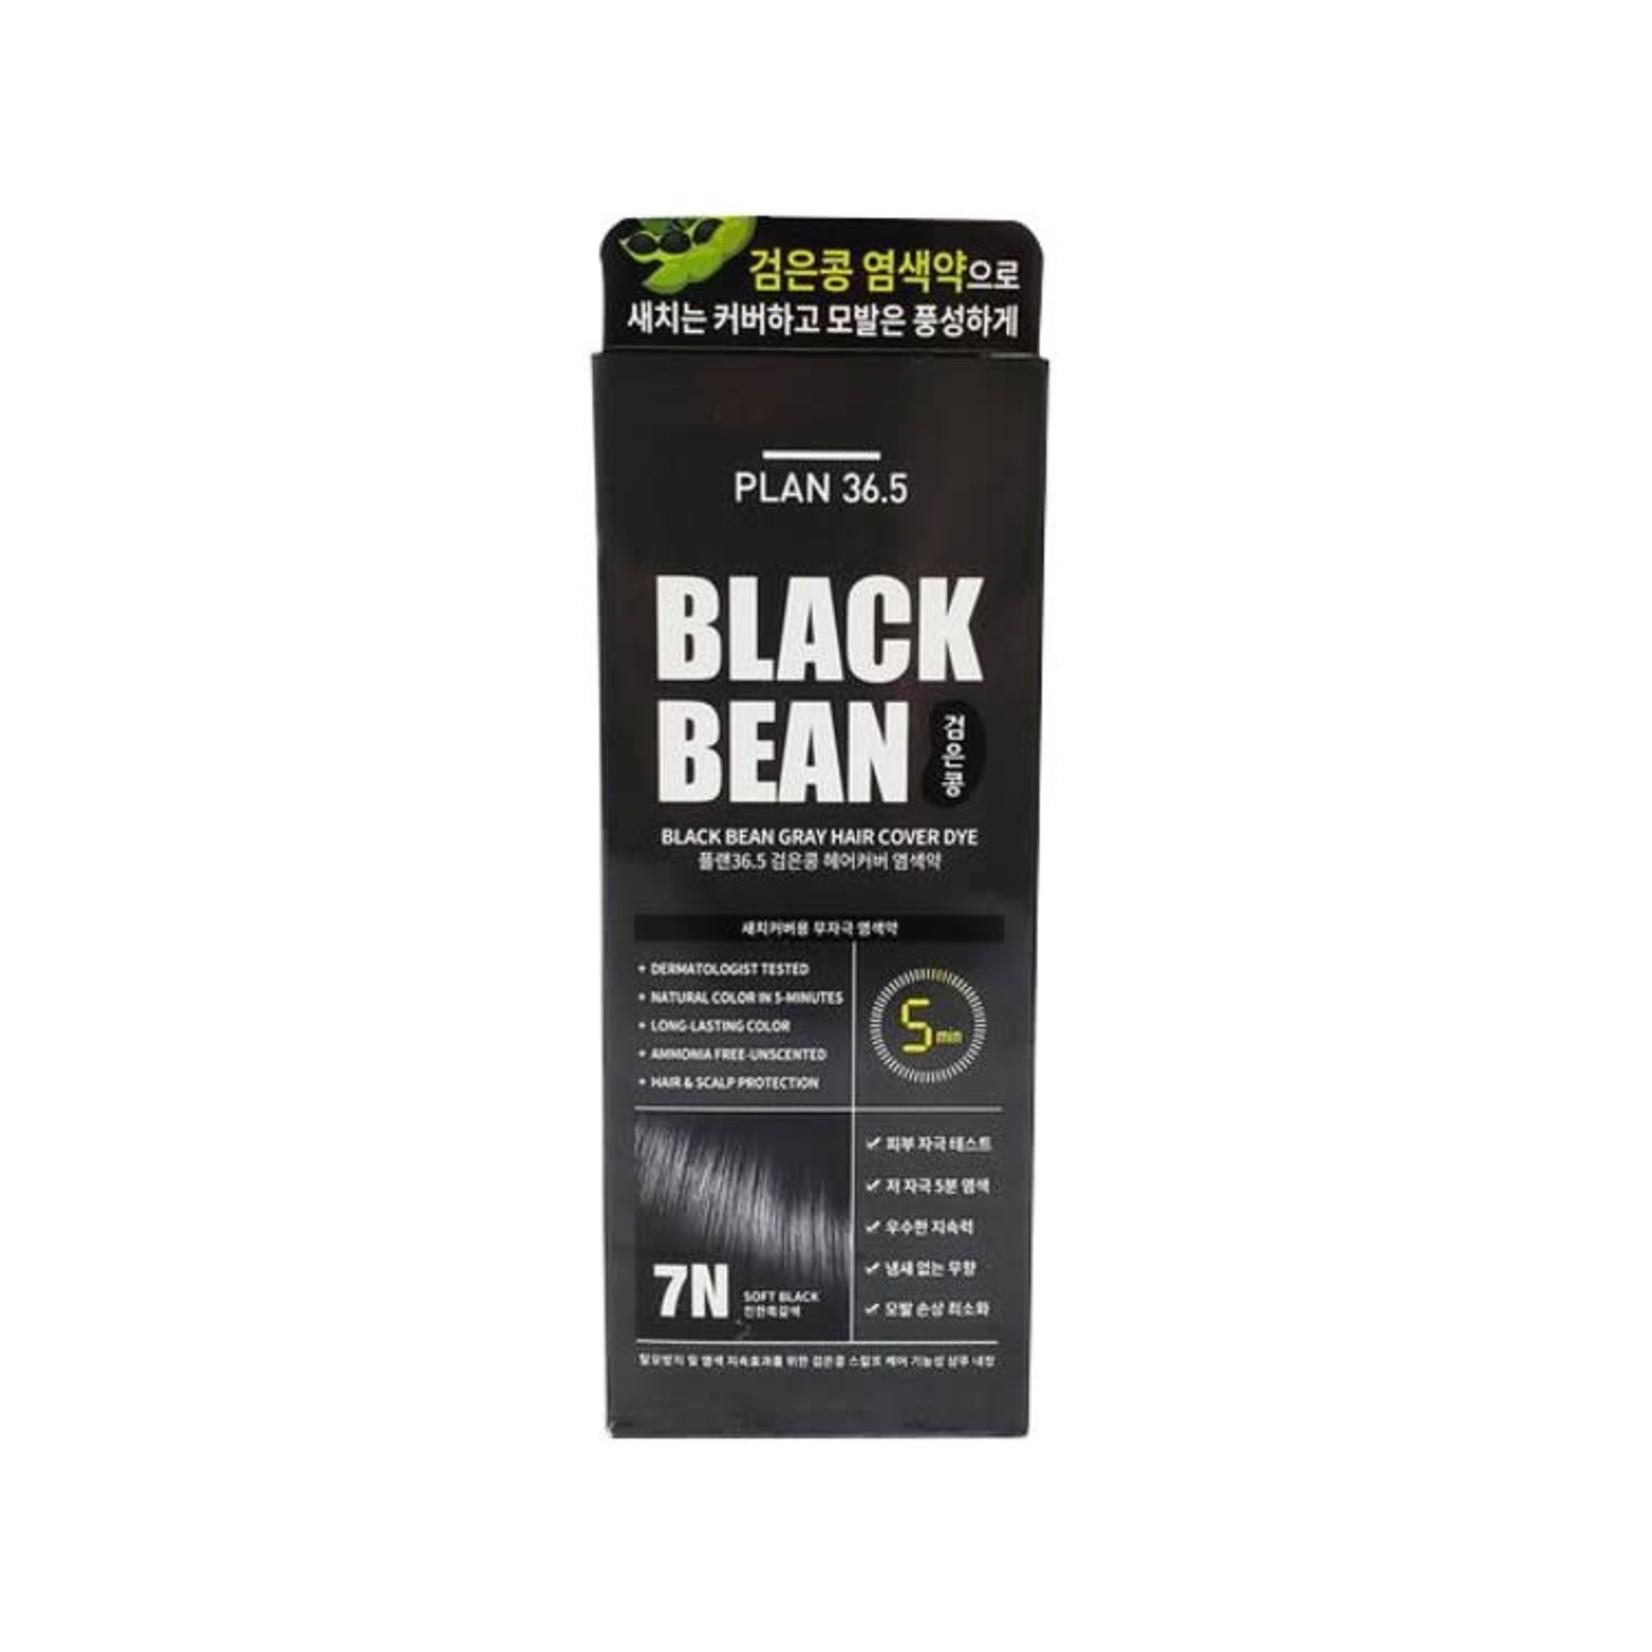 Plan 36.5 Plan 36.5 Black Bean Gray Hair Cover Dye #7N